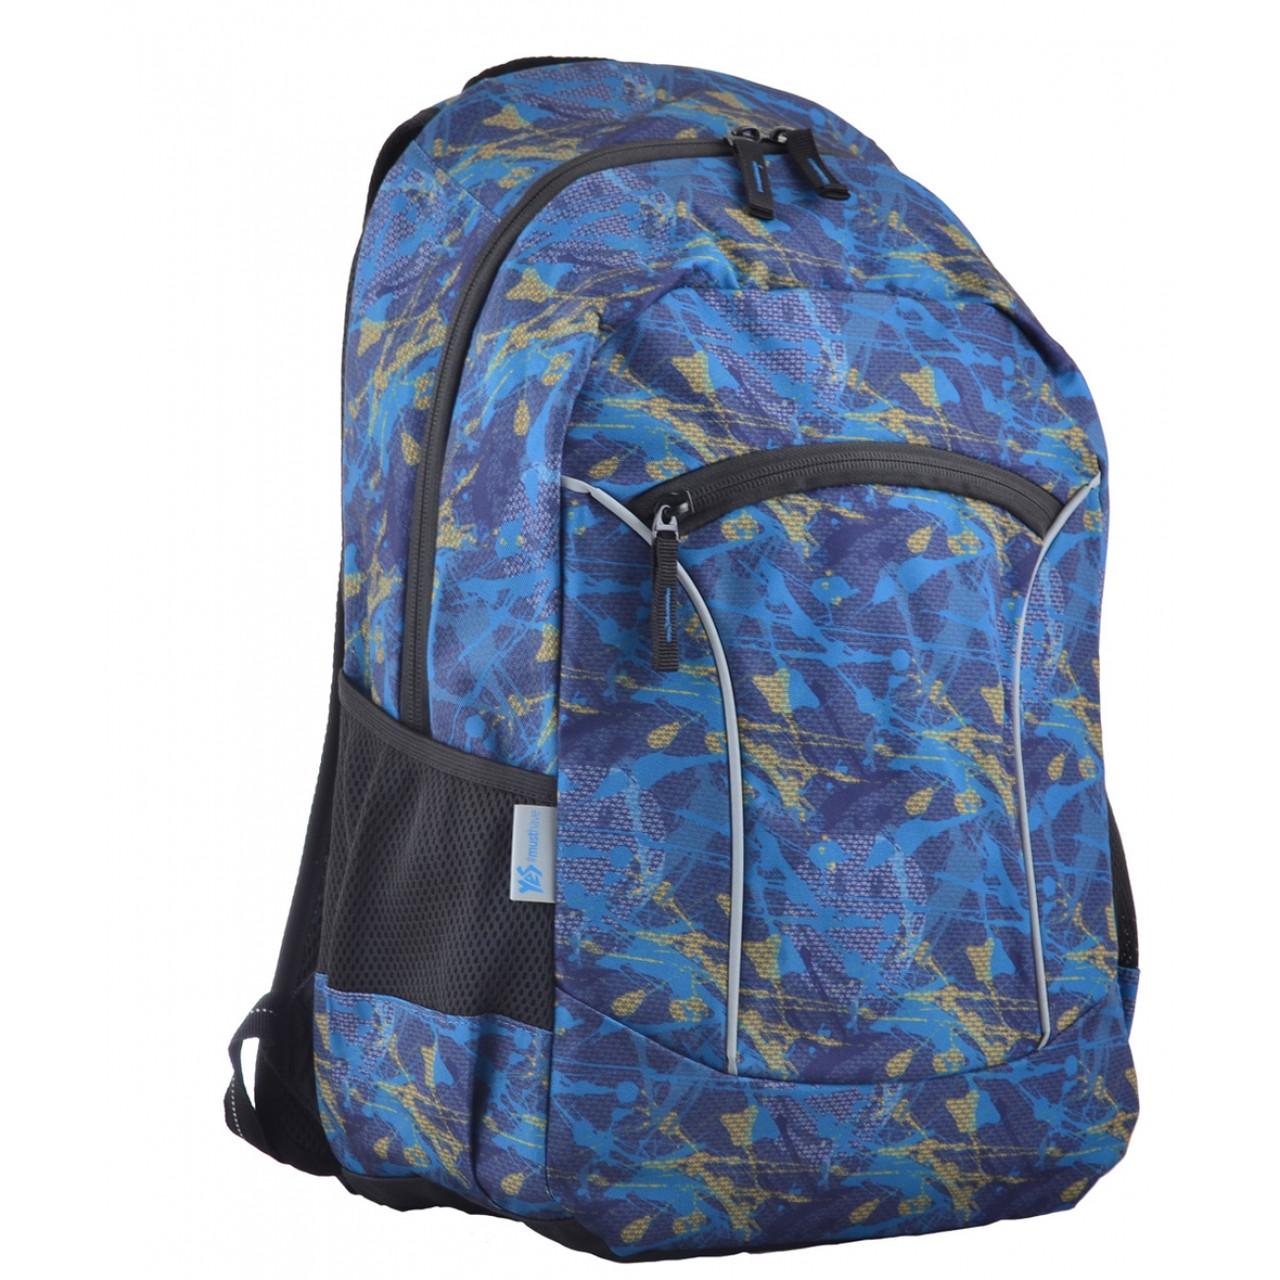 Рюкзак молодежный YES  Т-39 Web, 48*30*16